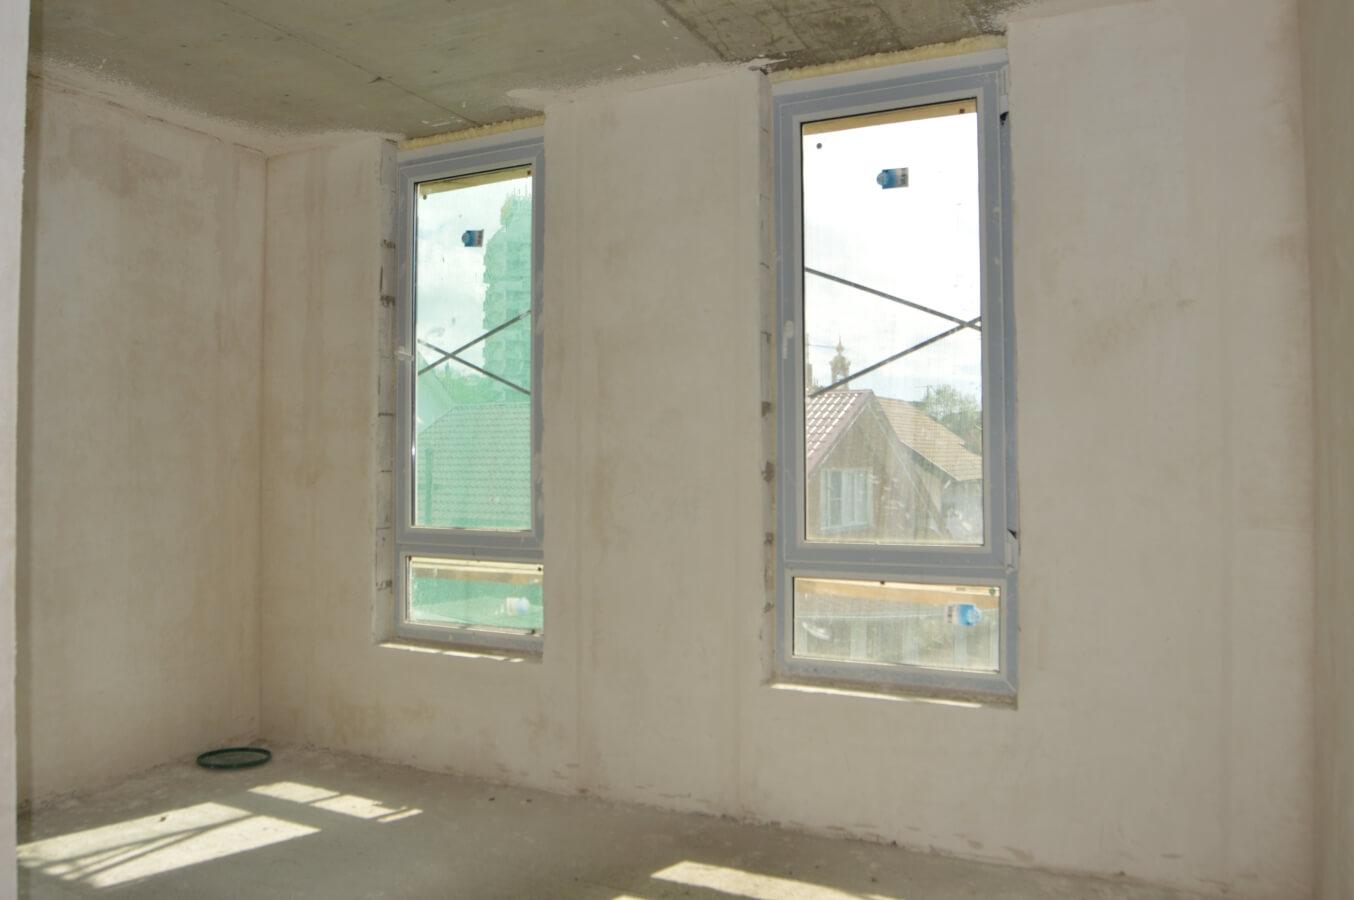 Продажа квартиры-студии по ул. Волжской 16 (19,4 м²)